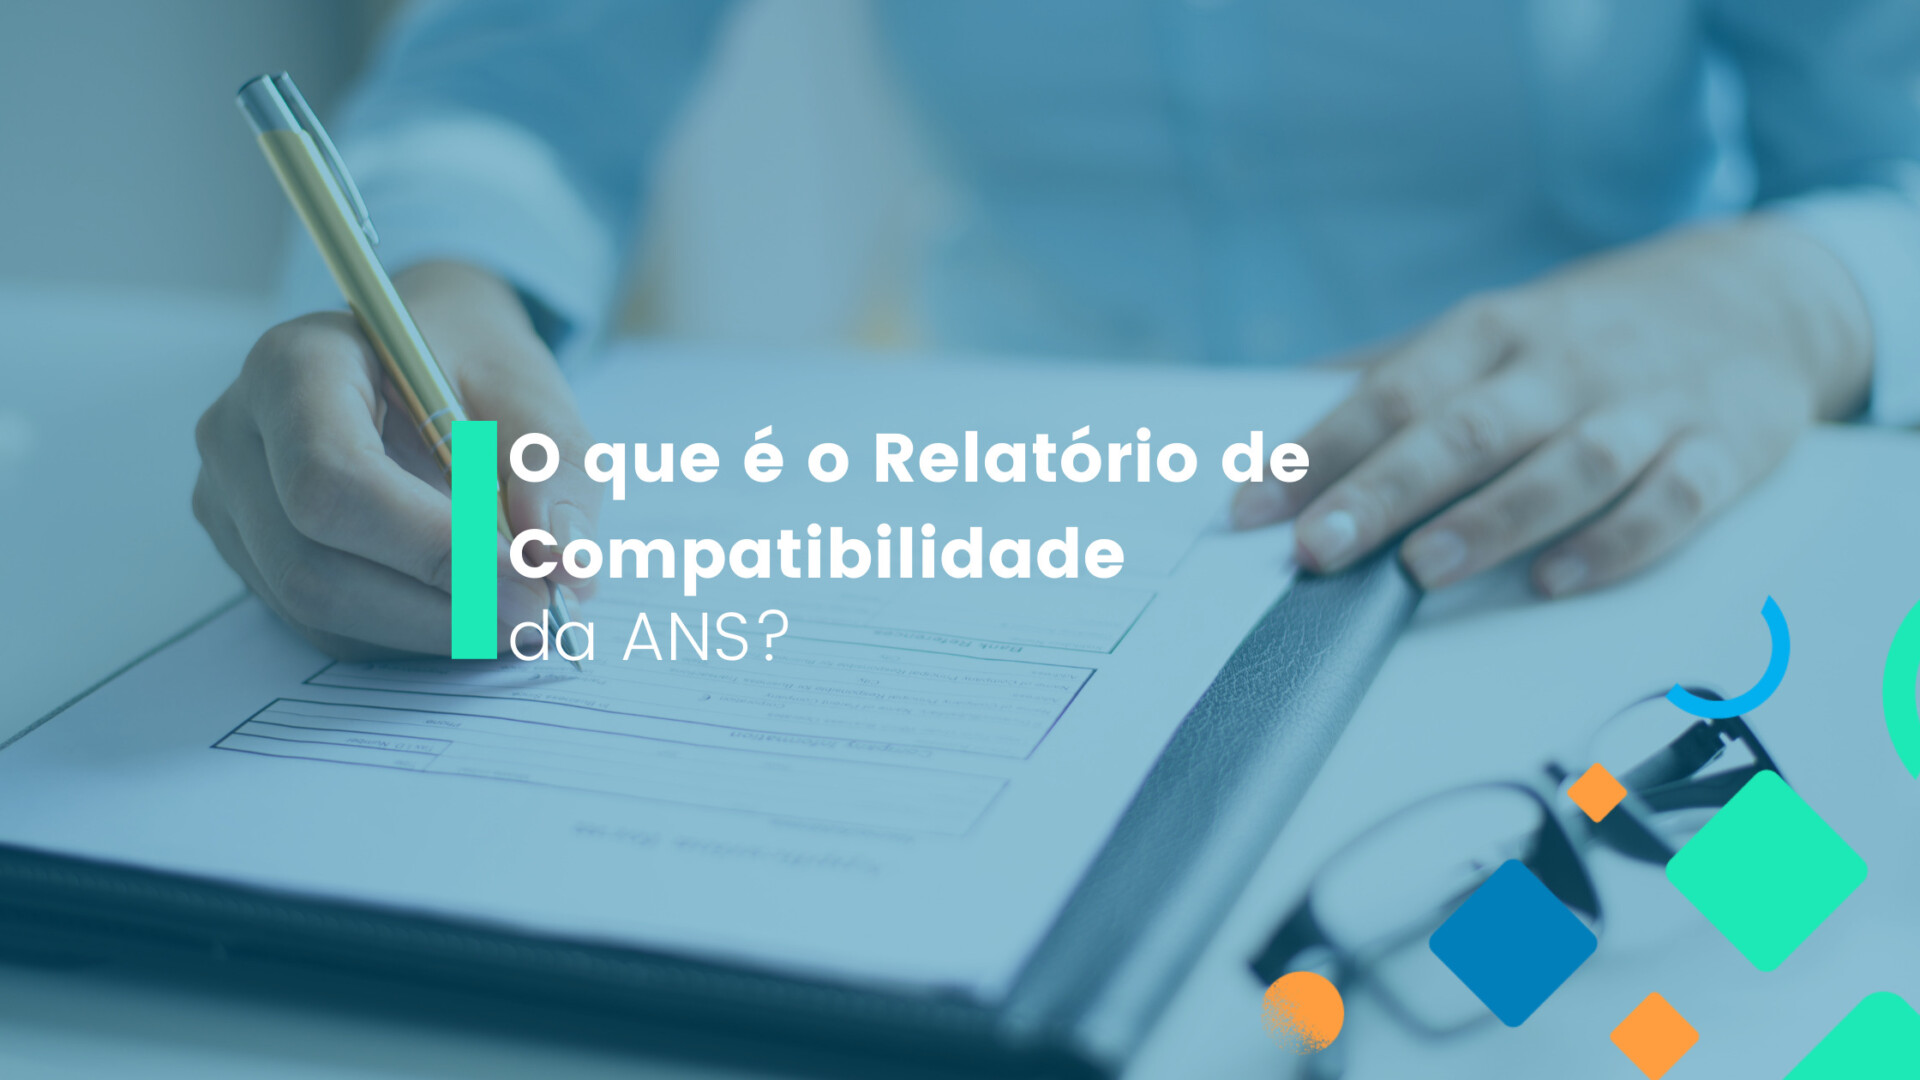 relatório de compatibilidade